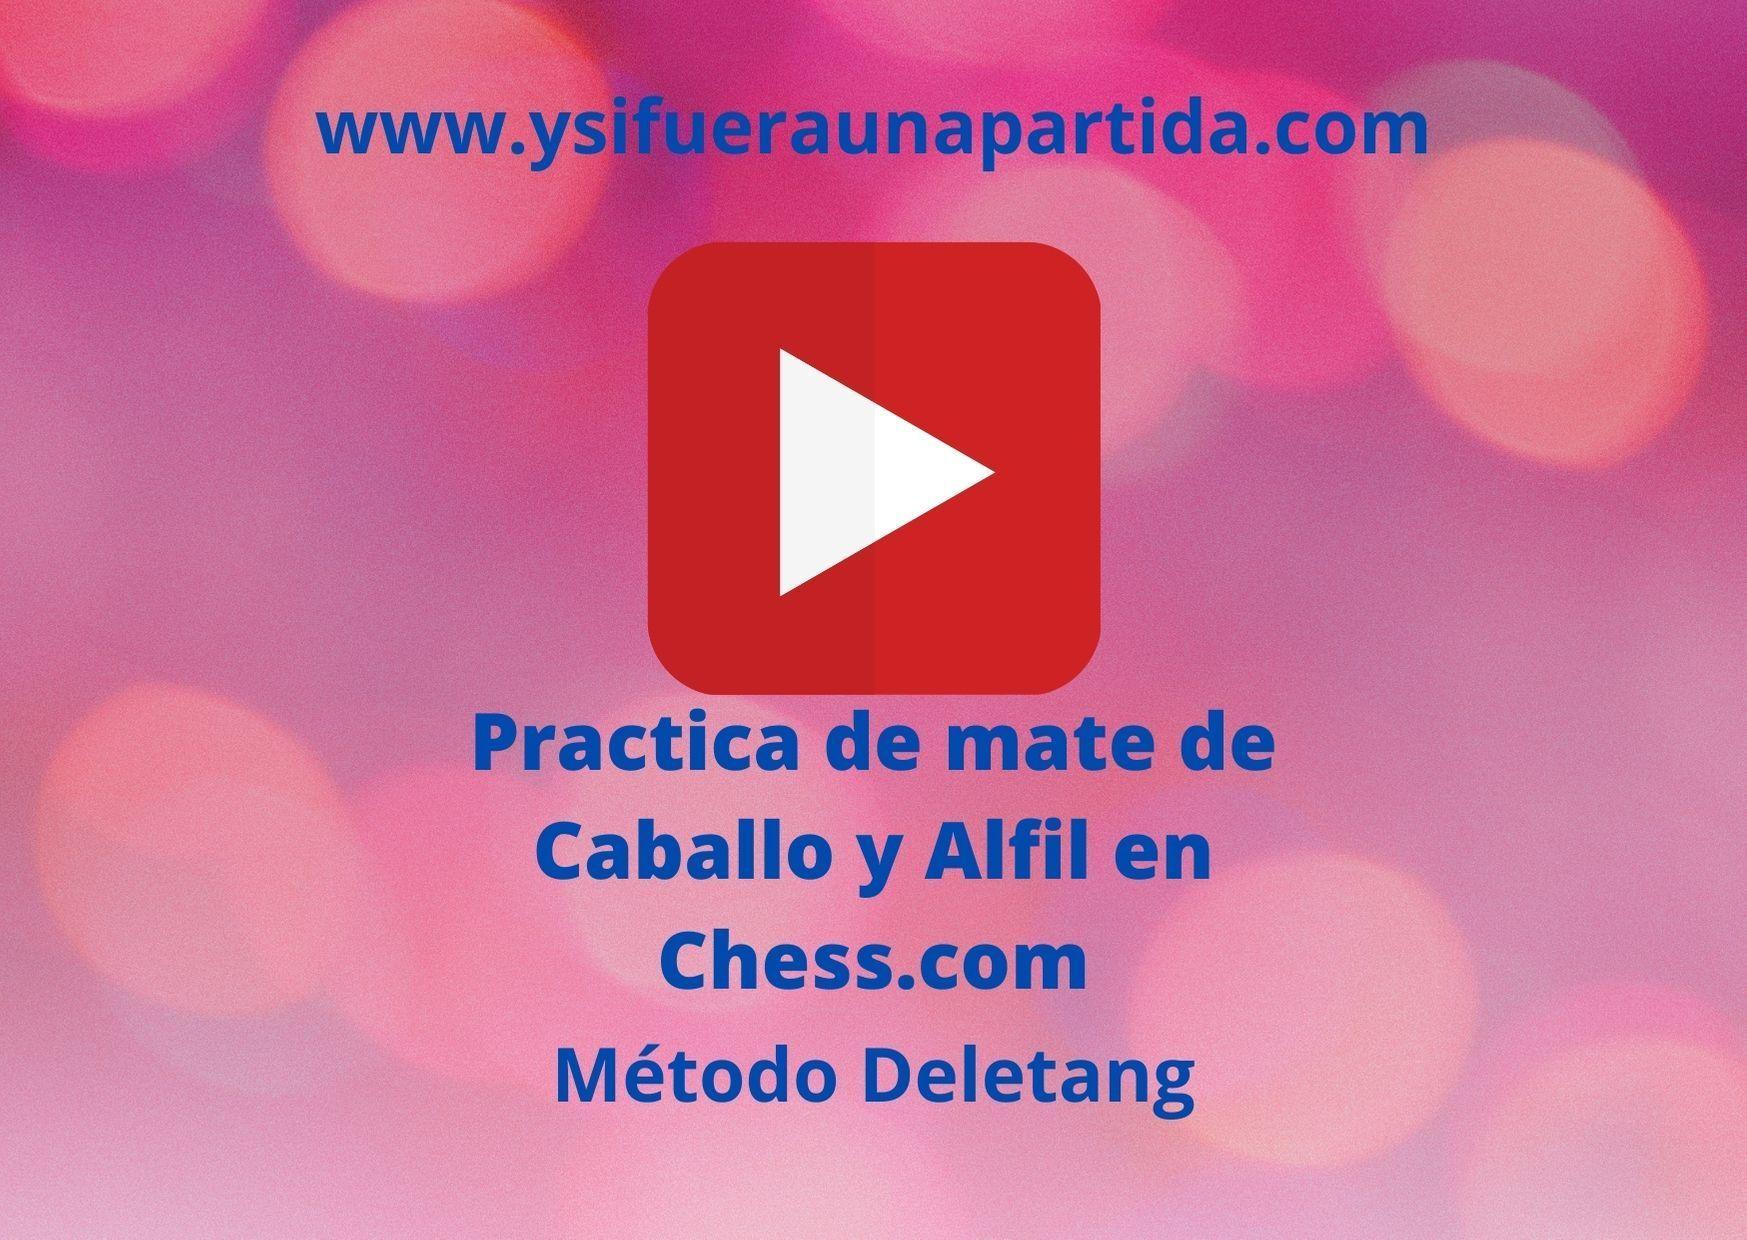 video practicar jaque mate de caballo y alfil en chess.com